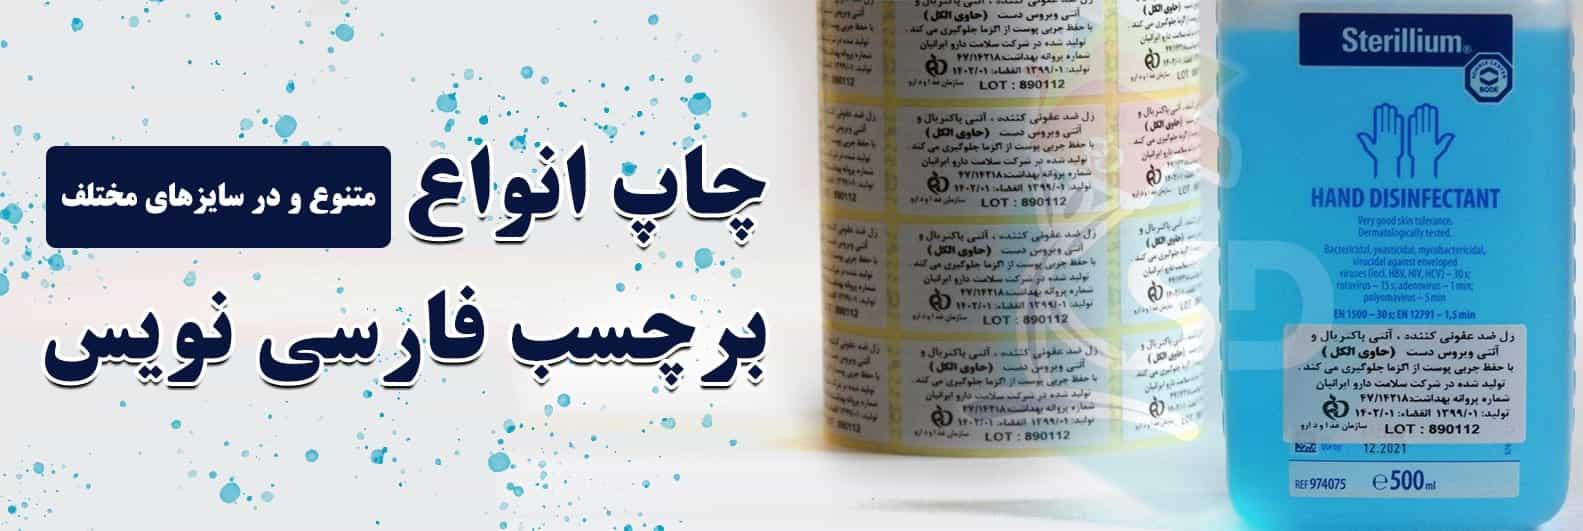 چاپ برچسب فارسی نویس